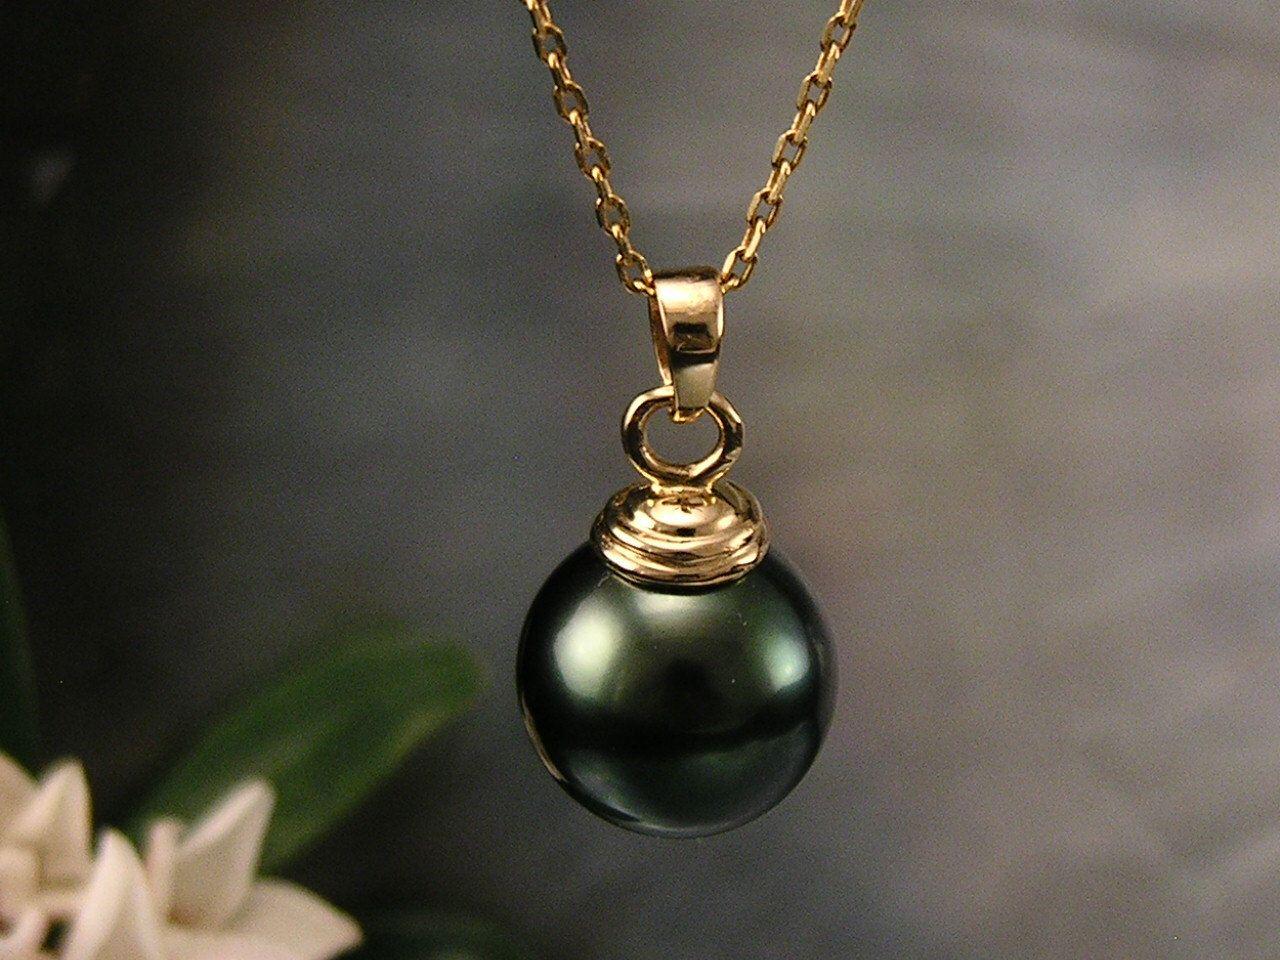 """Nero perla di """"Tahiti"""" Saltwater e 14 carati oro pendente di TheCallofTheIslands su Etsy https://www.etsy.com/it/listing/117186930/nero-perla-di-tahiti-saltwater-e-14"""